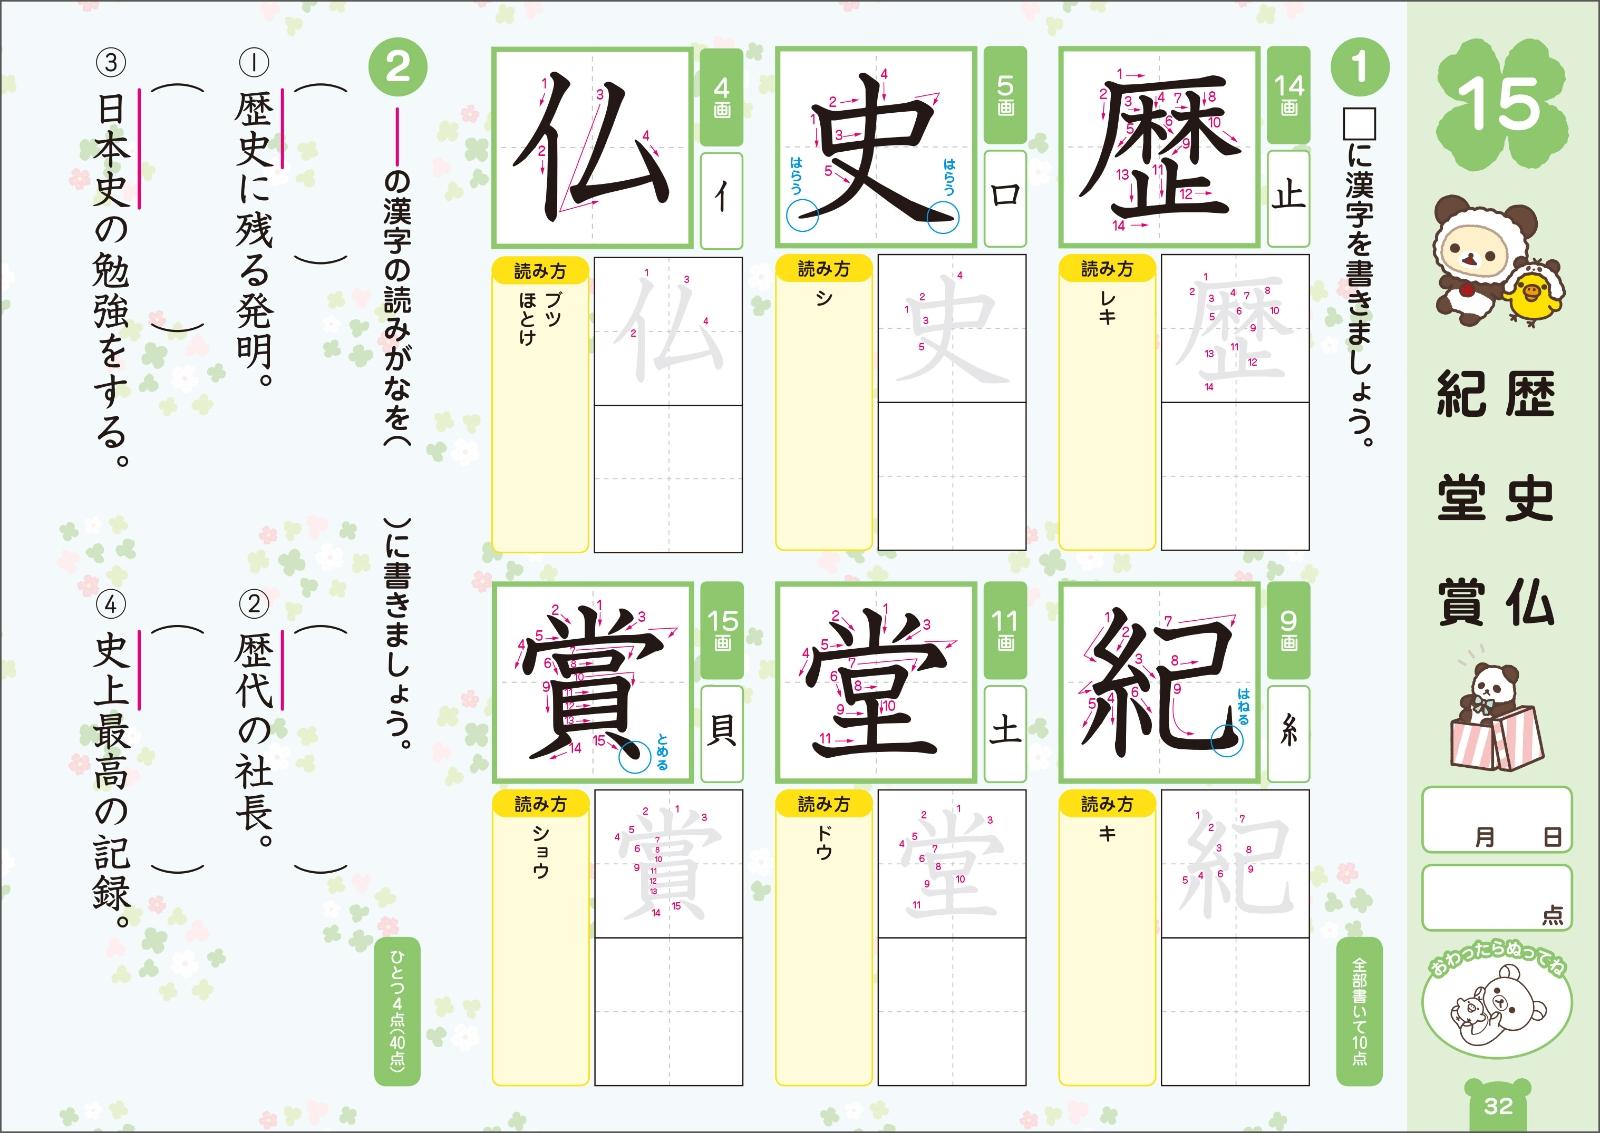 五 年生 で 習う 漢字